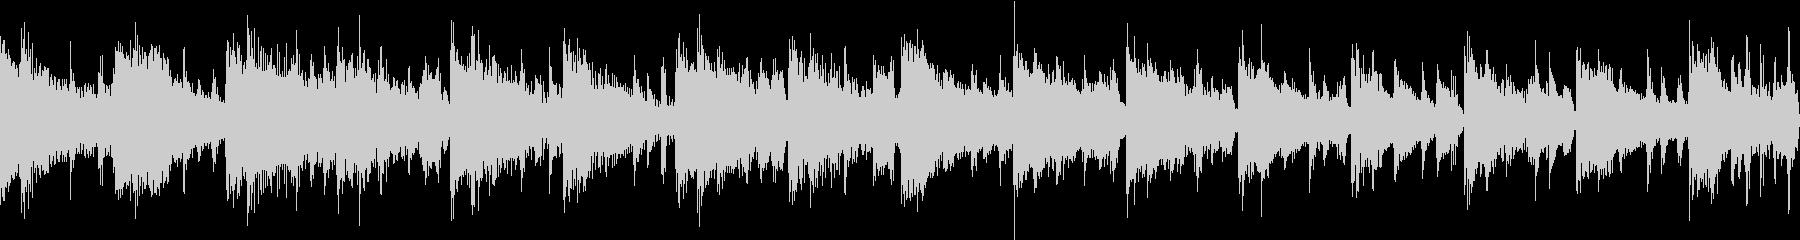 控えめなフュージョン調の曲の未再生の波形